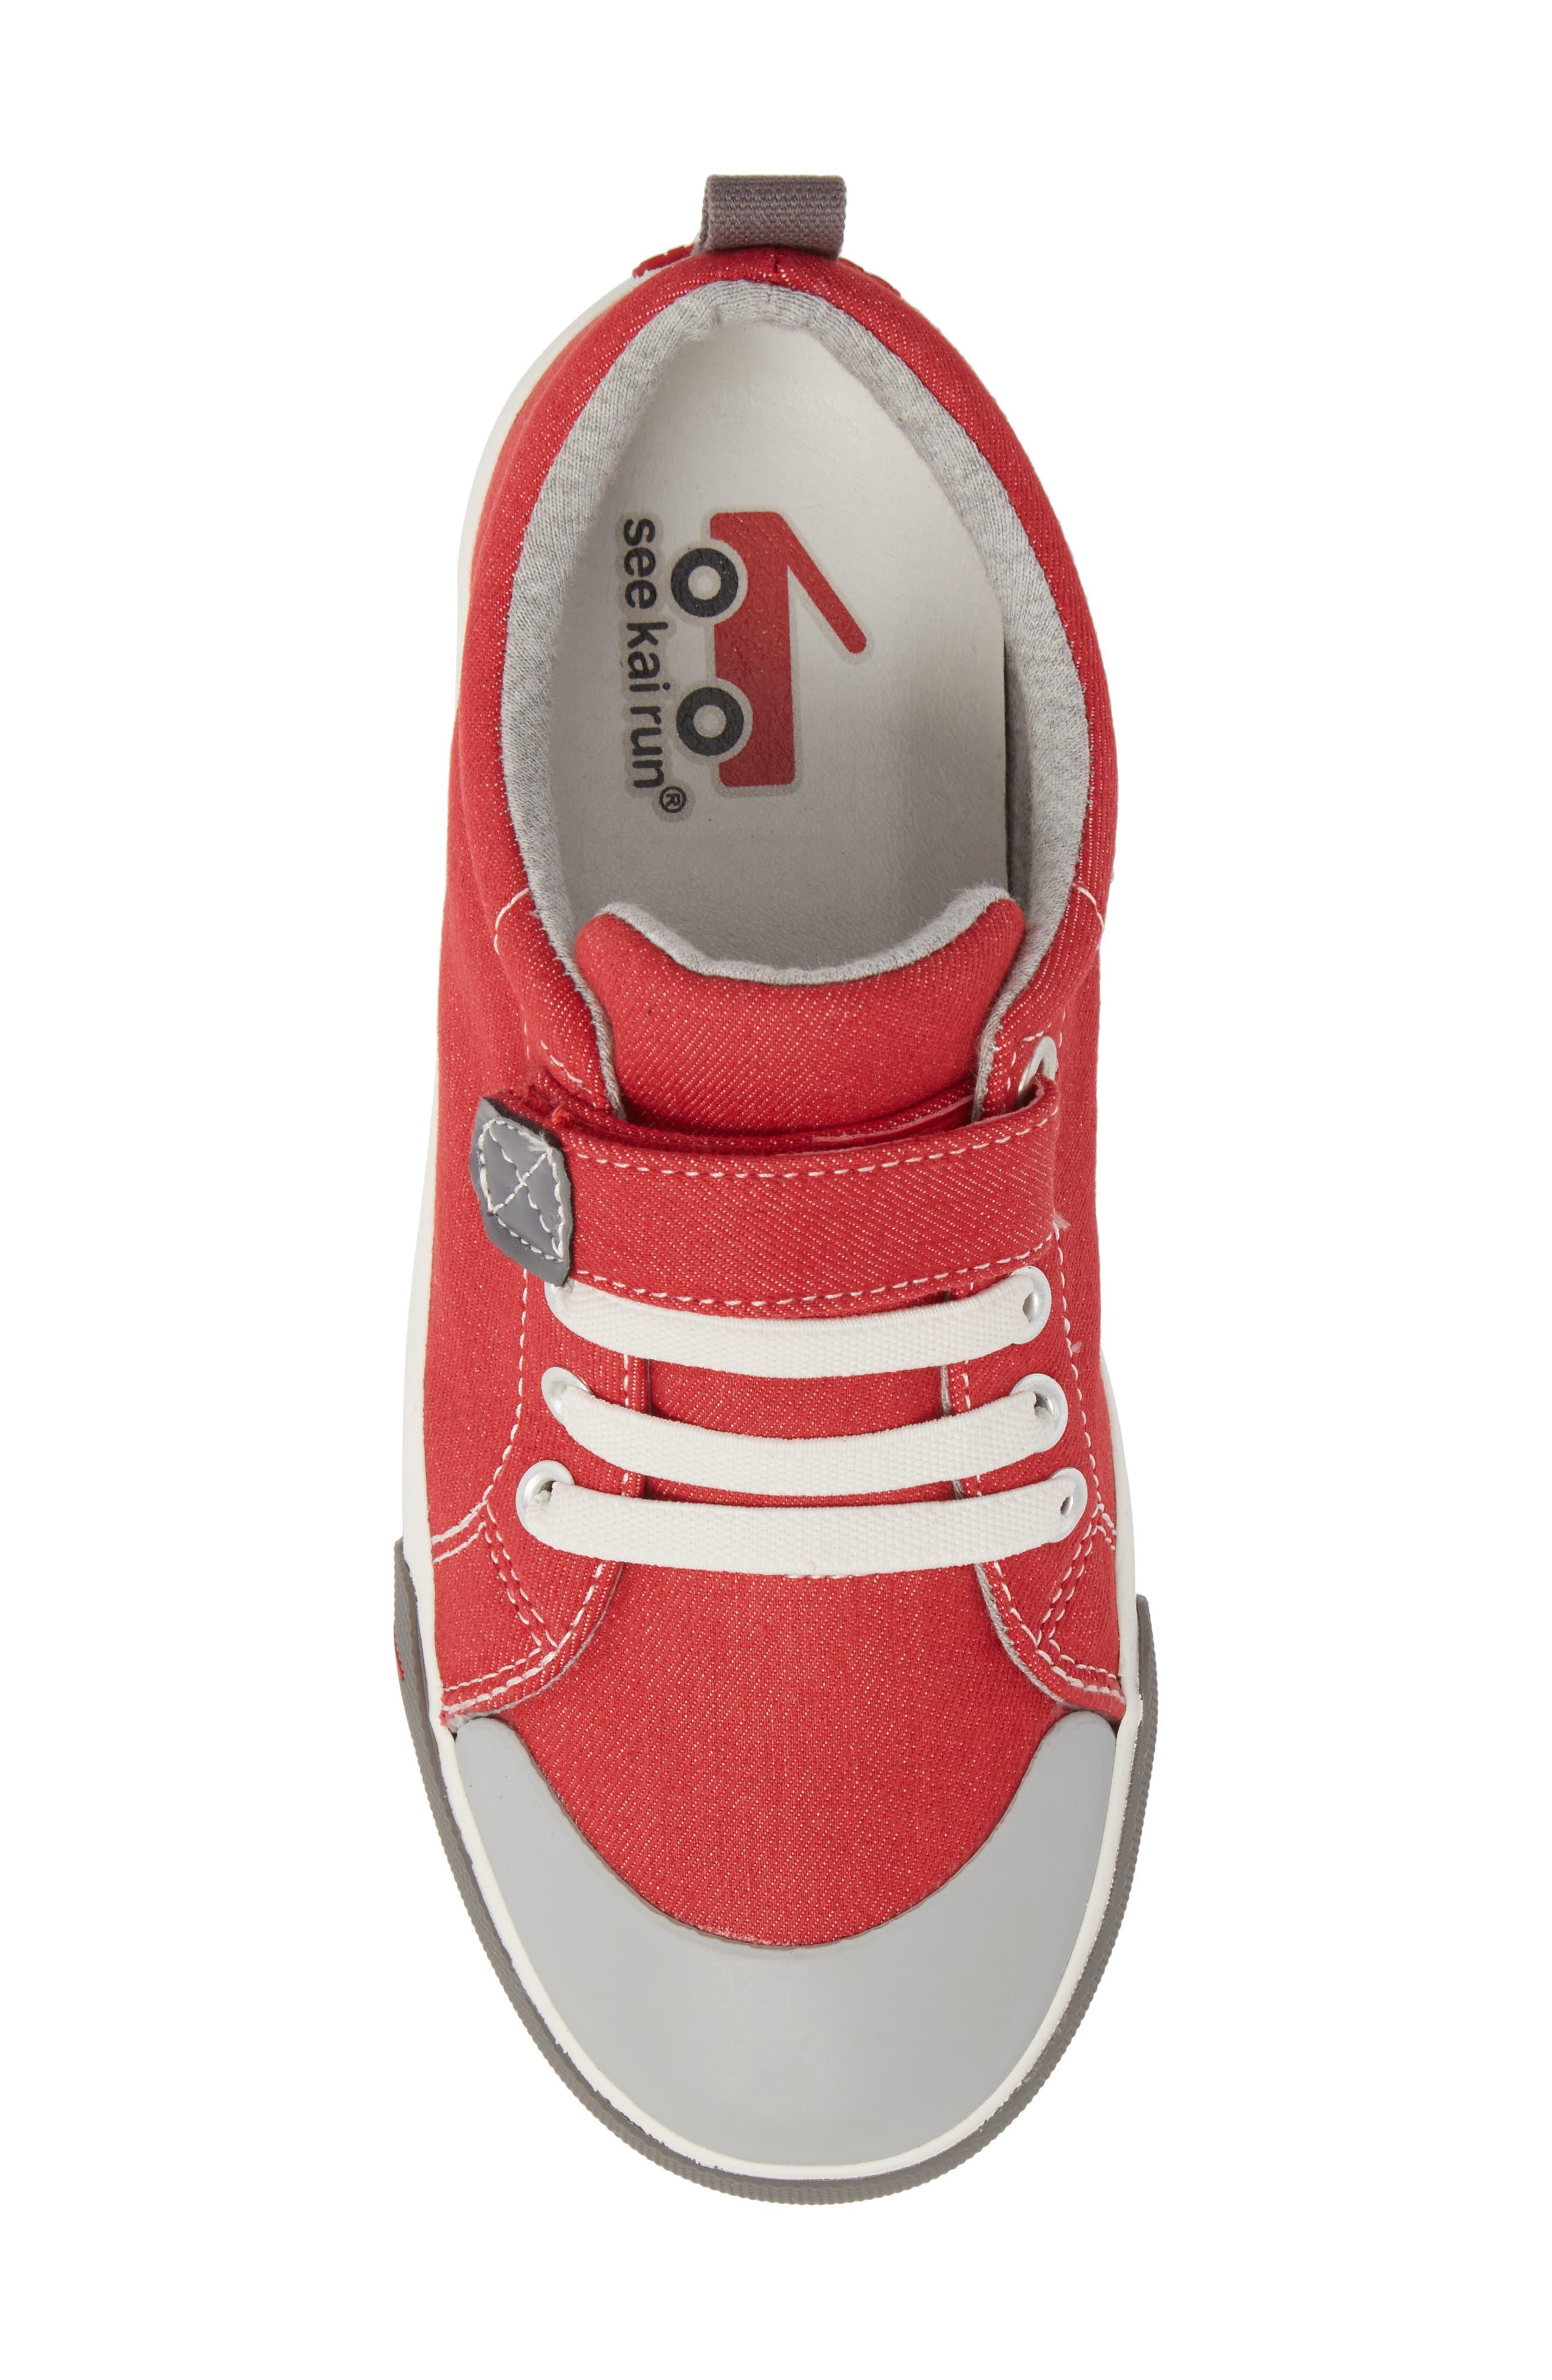 Stevie II Sneaker,                             Alternate thumbnail 5, color,                             Red/ Gray